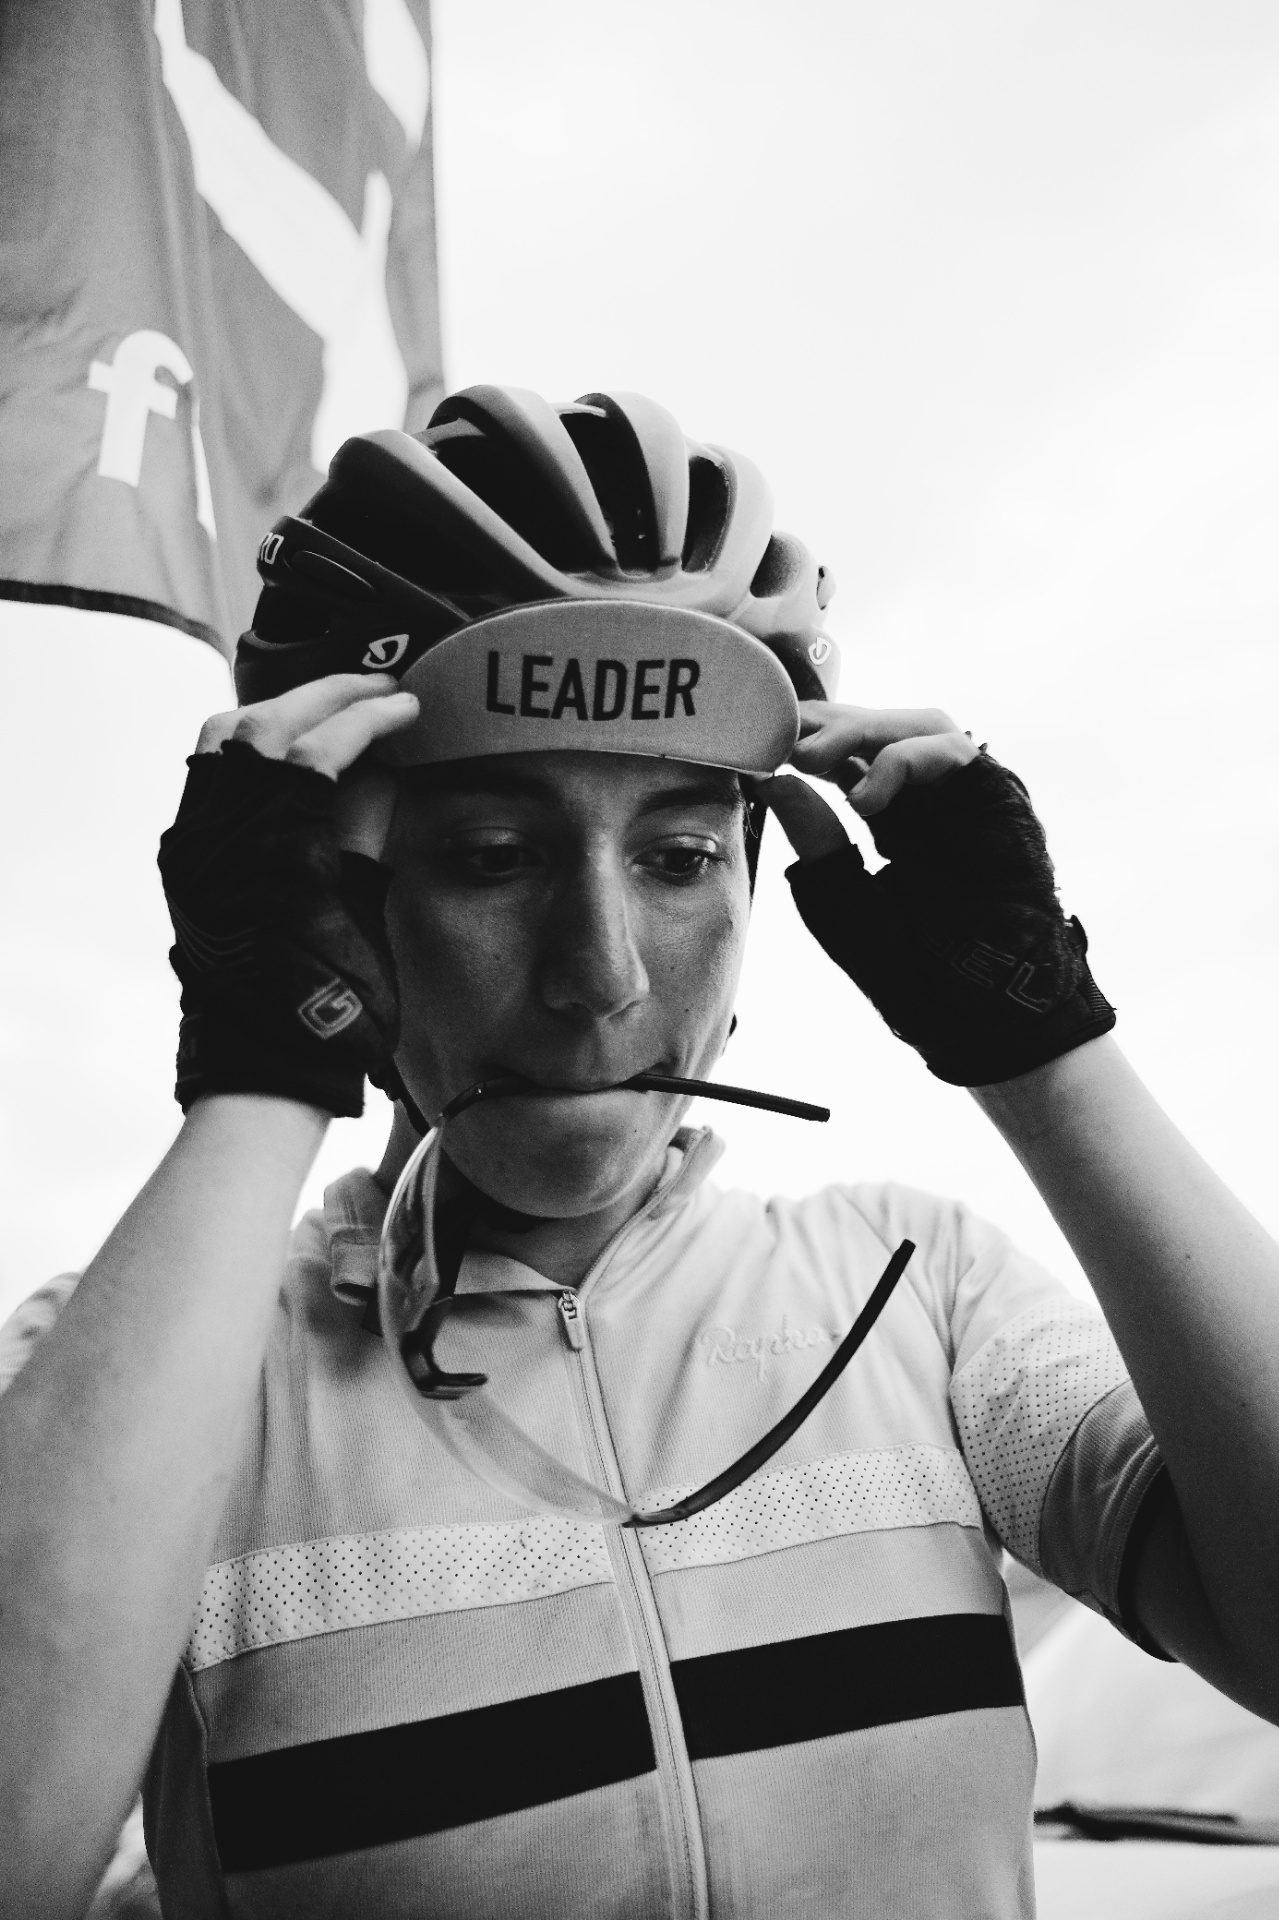 Fiona Kolbinger pulls on the women's leader cap.